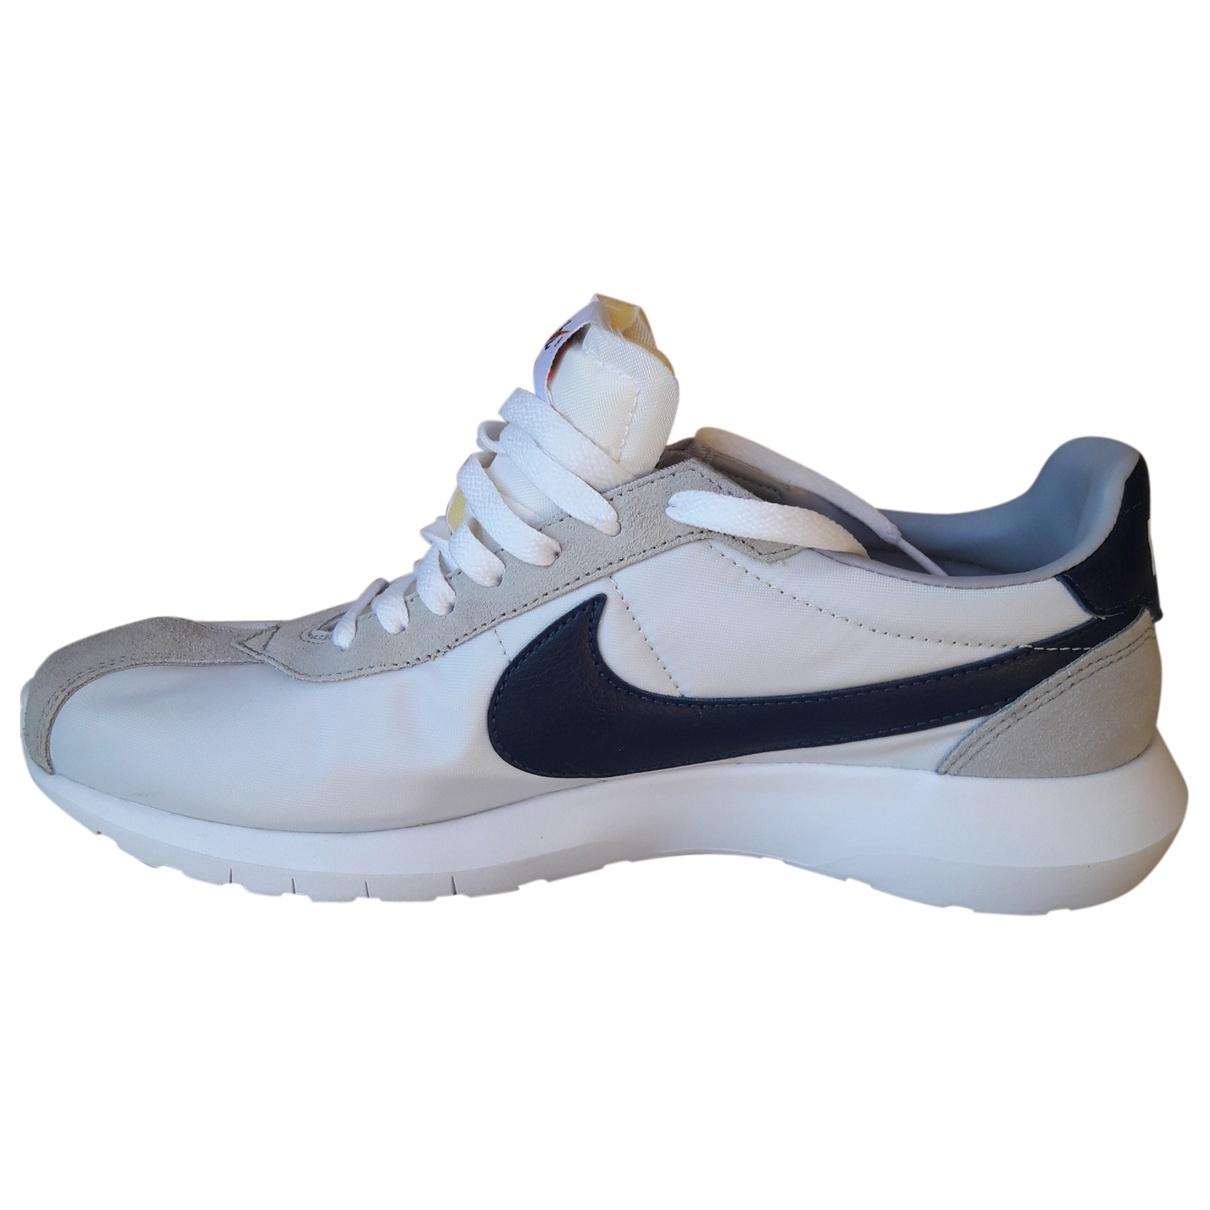 Nike - Baskets   pour homme en toile - gris